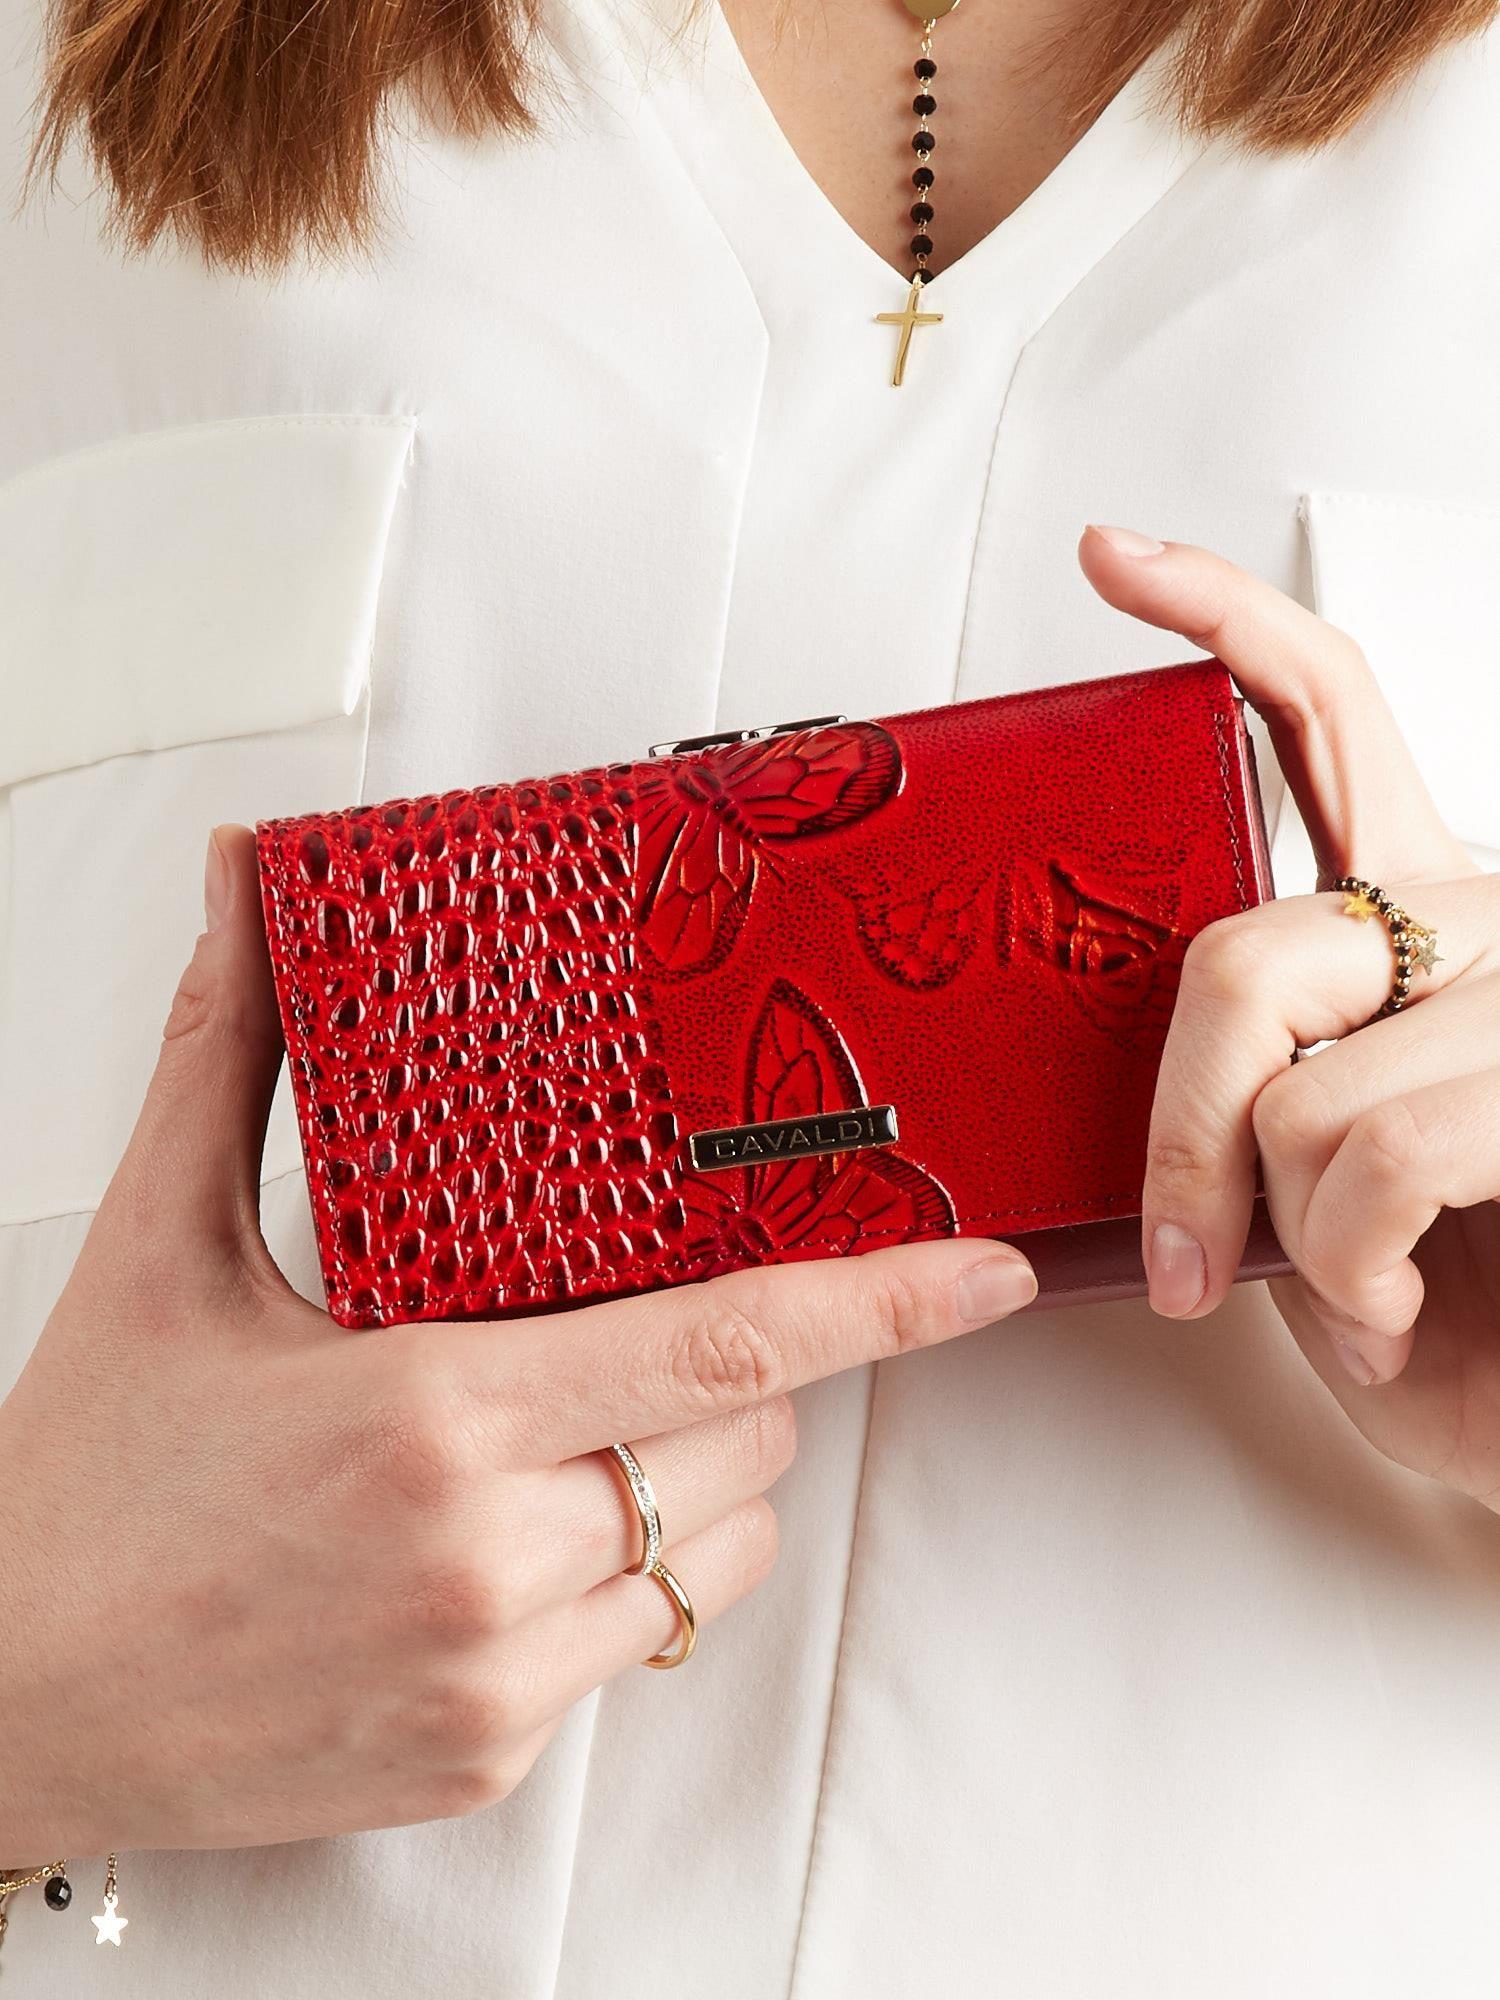 b179fa834e78b Skórzany portfel damski w motyle czerwony - Akcesoria portfele ...